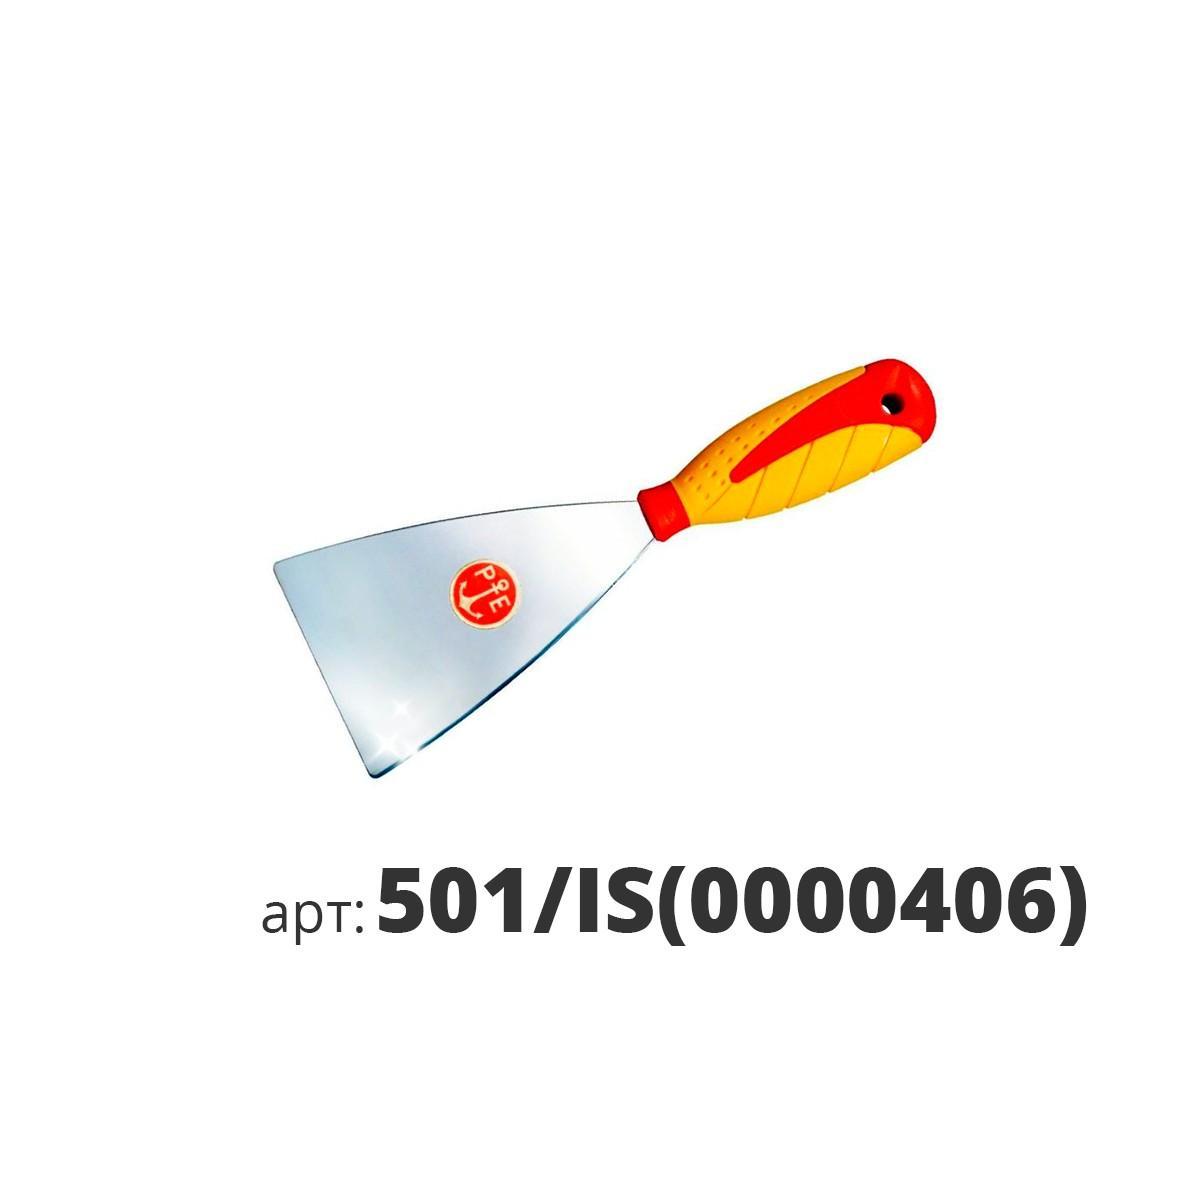 PAVAN шпатель венецианский из нержавеющей стали 501/IS(0000406)